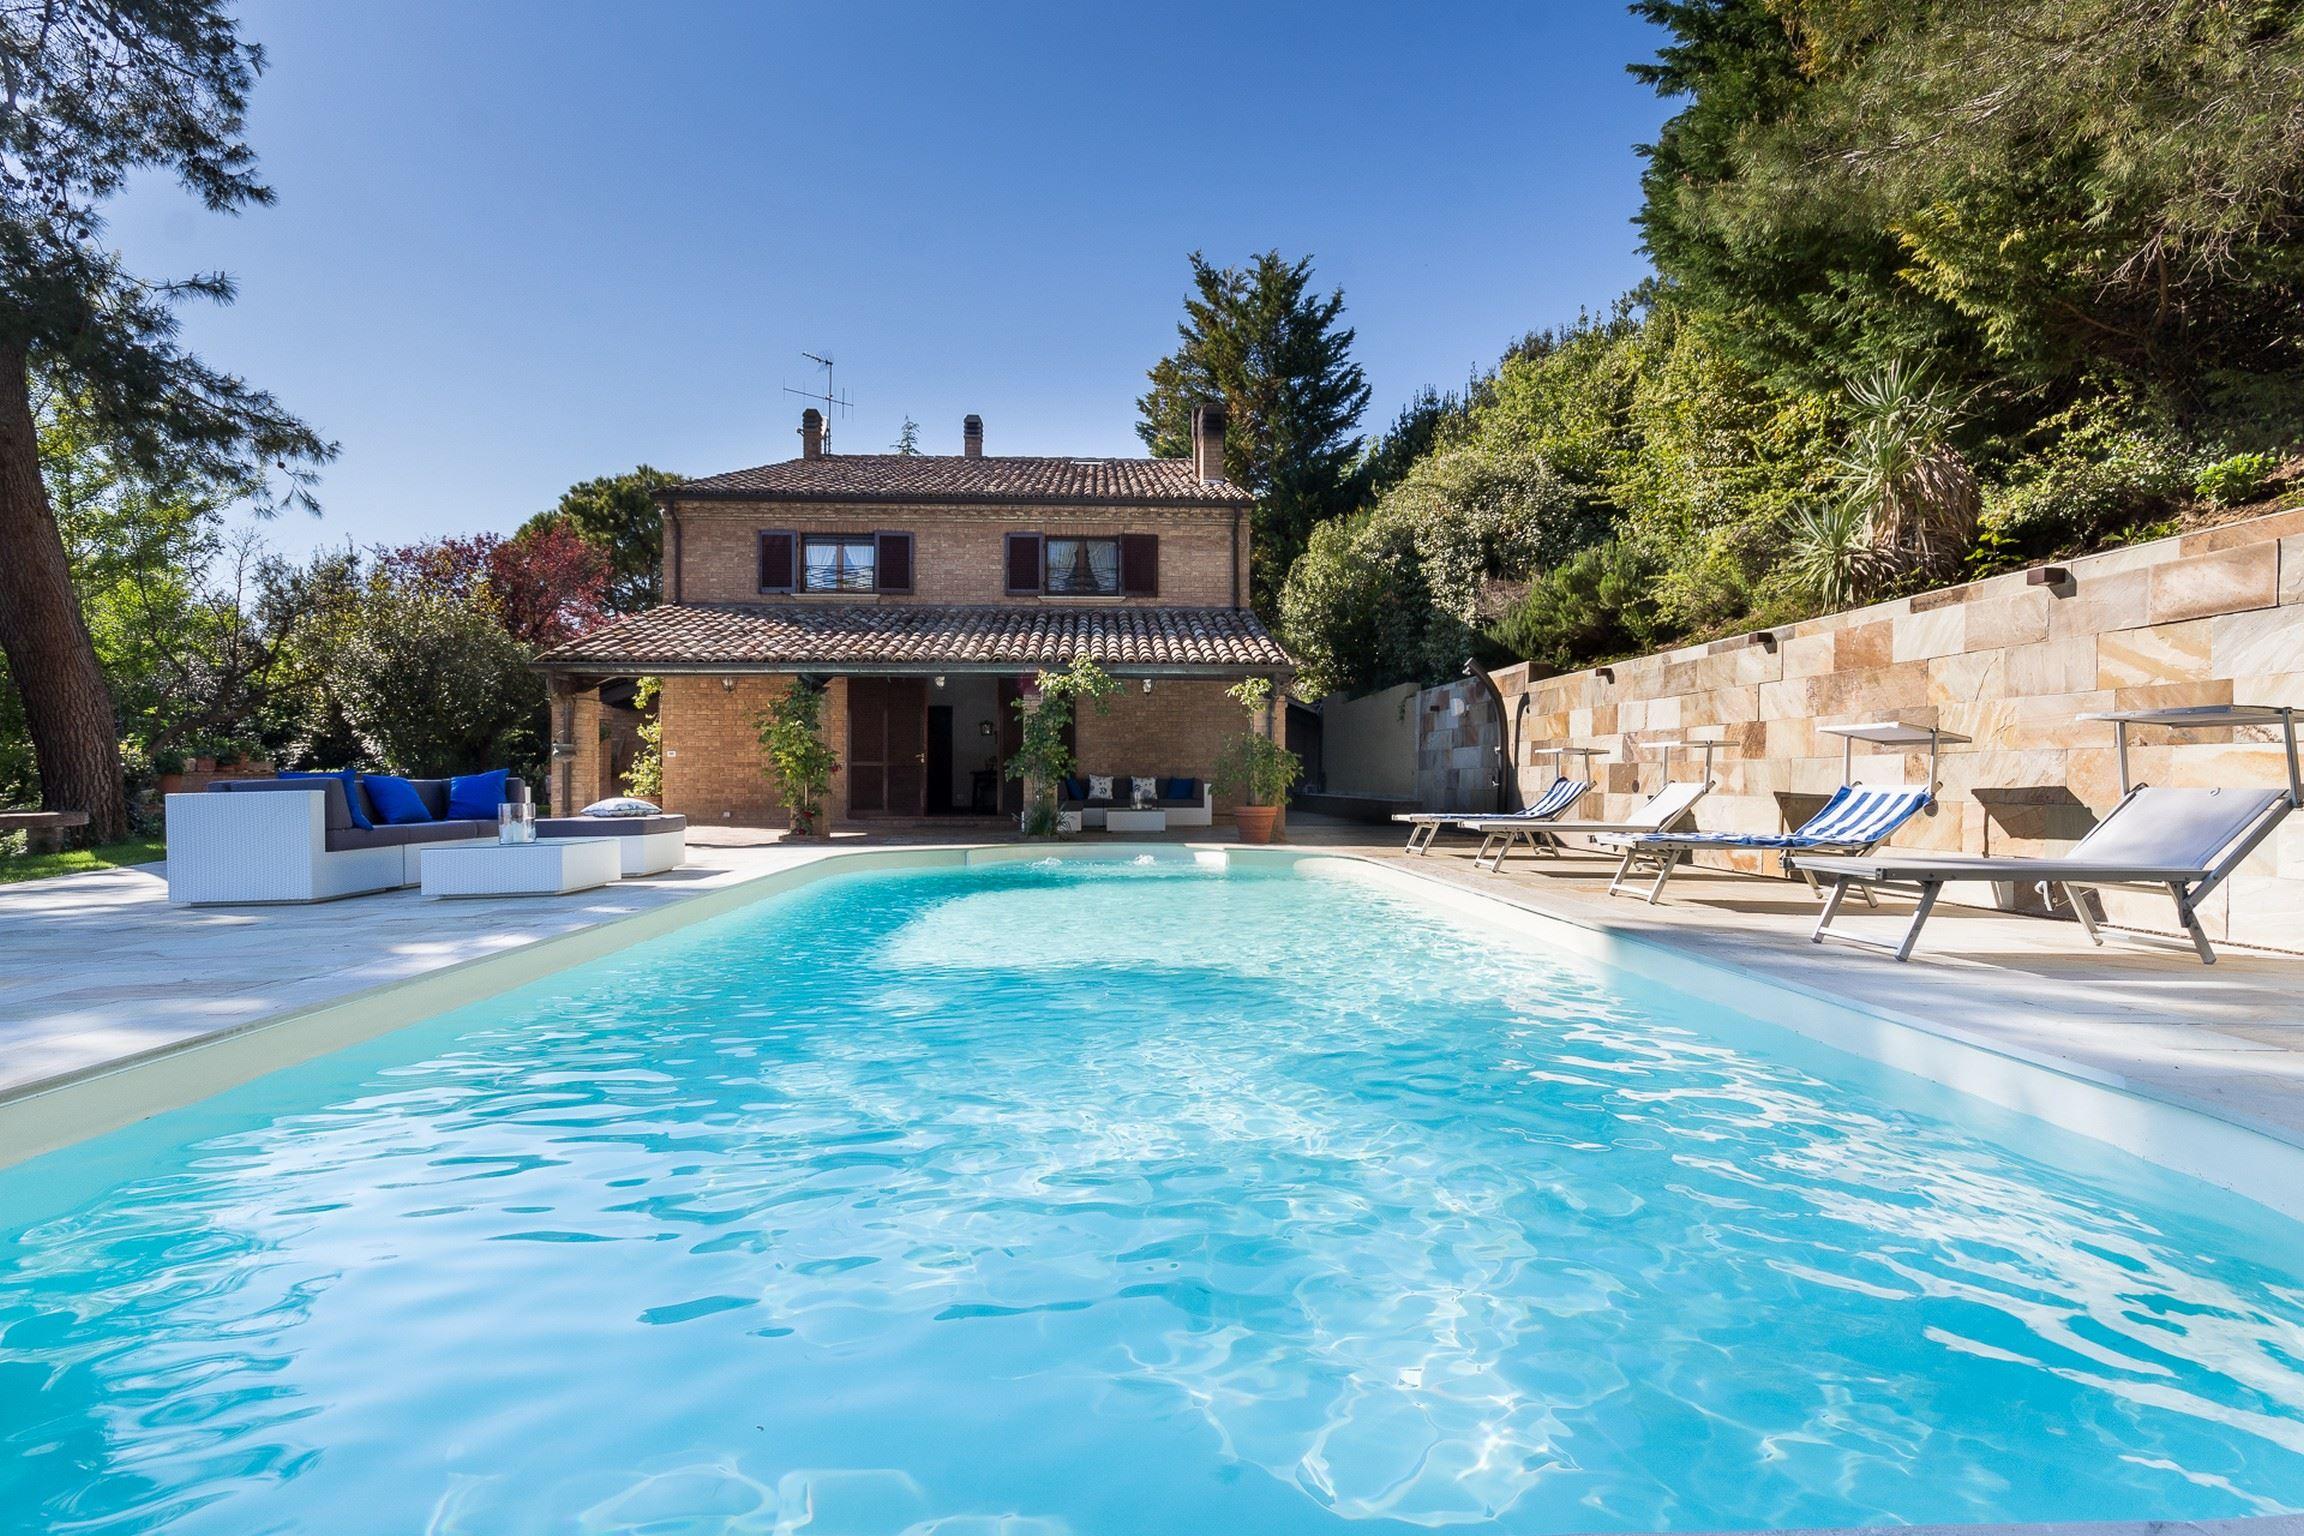 Ferienhaus VILLA MARINA (2195811), Pesaro, Pesaro und Urbino, Marken, Italien, Bild 16